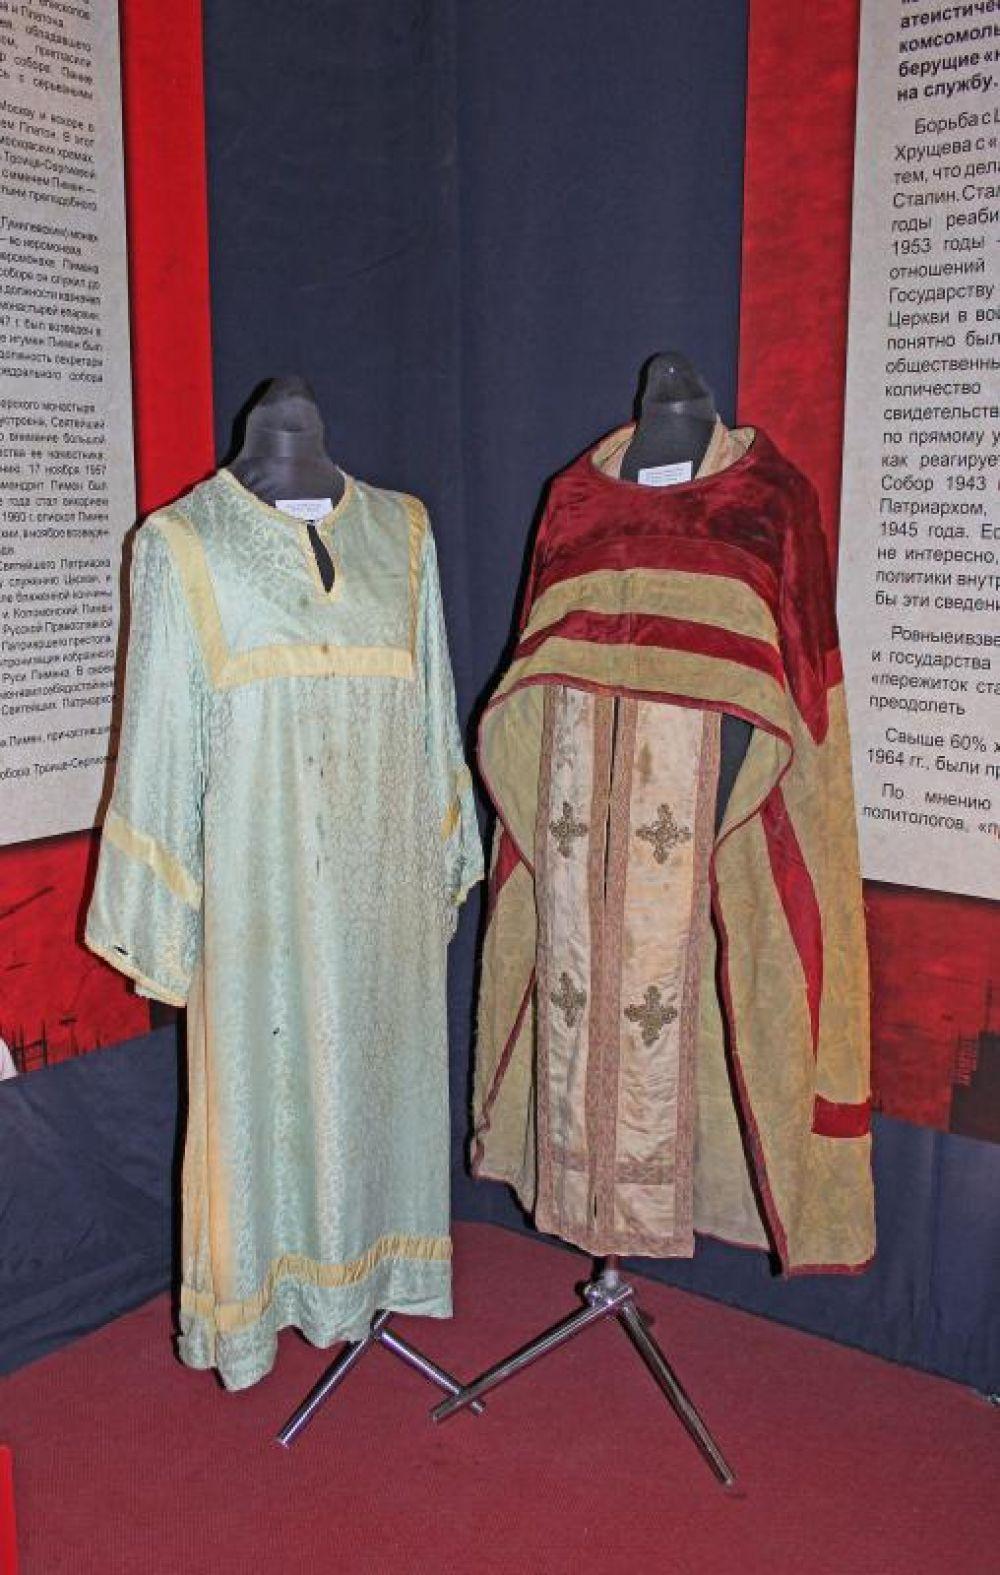 Посетители стали свидетелями возрождения церковной жизни и патриотической деятельности духовенства Ростовской области.